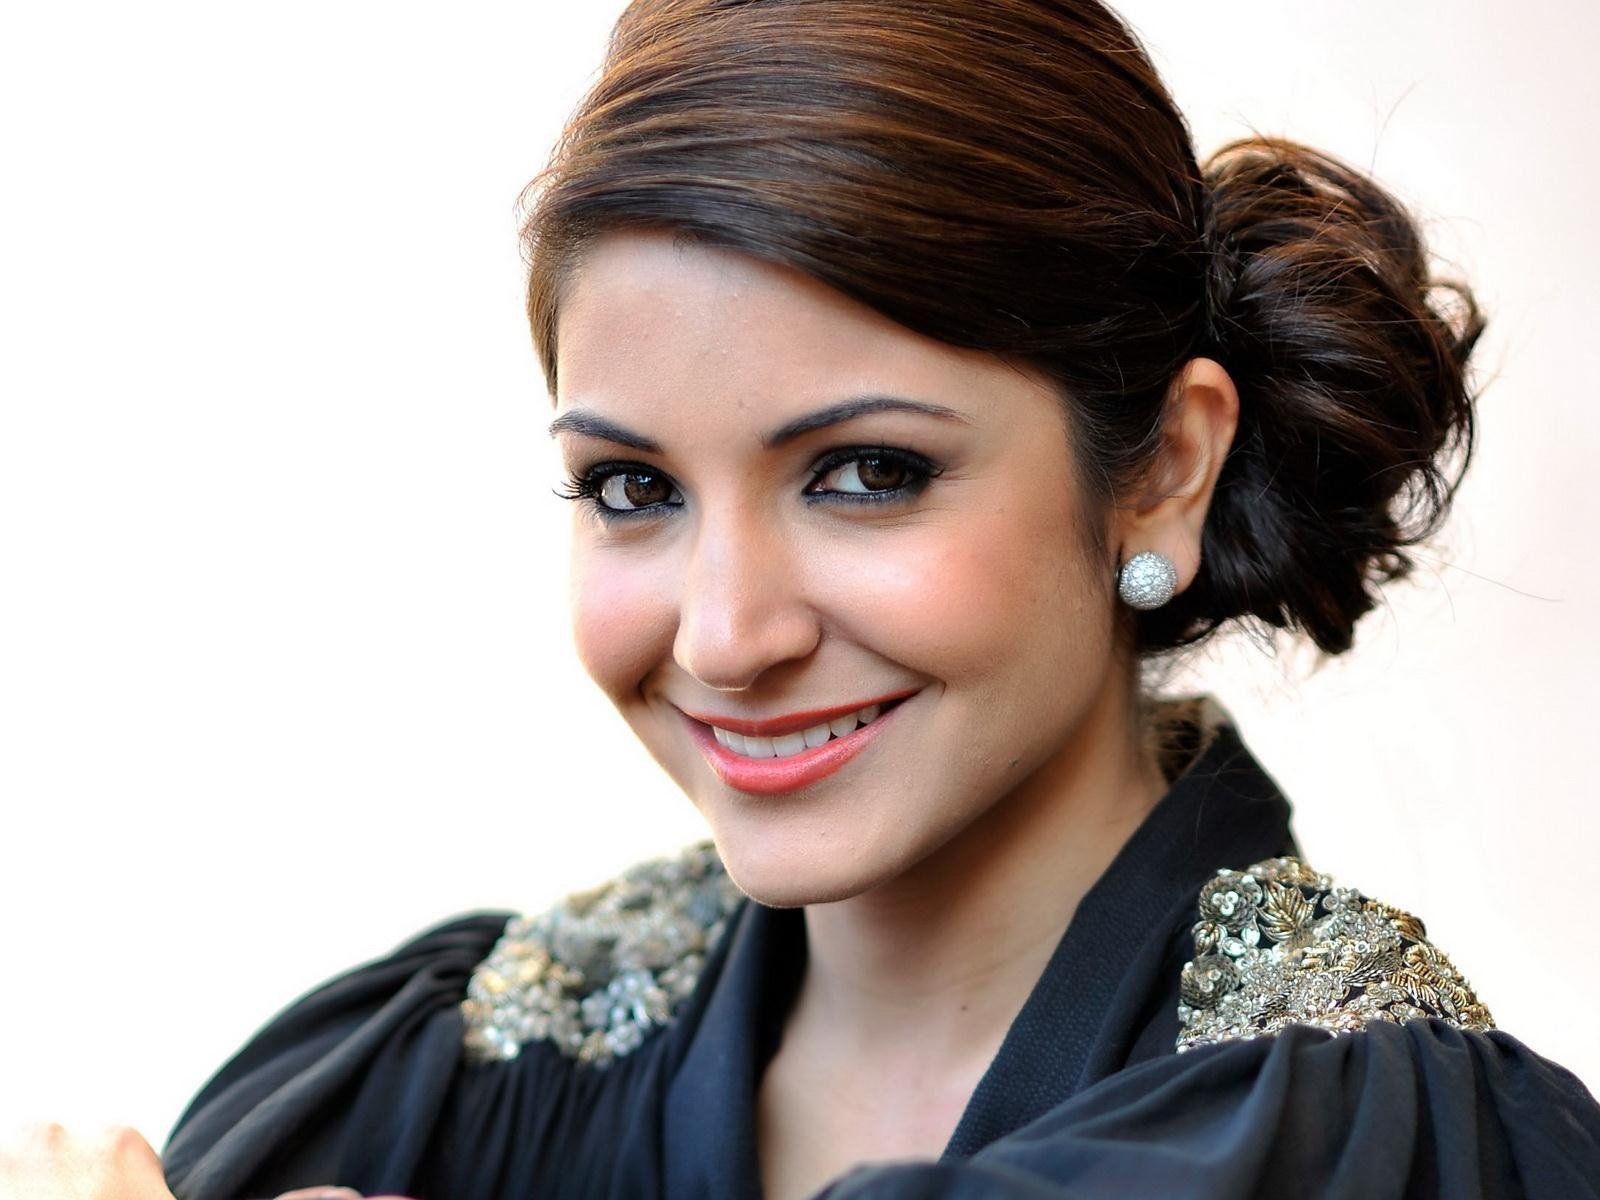 anushka sharma cute face wallpaper | http://www ...